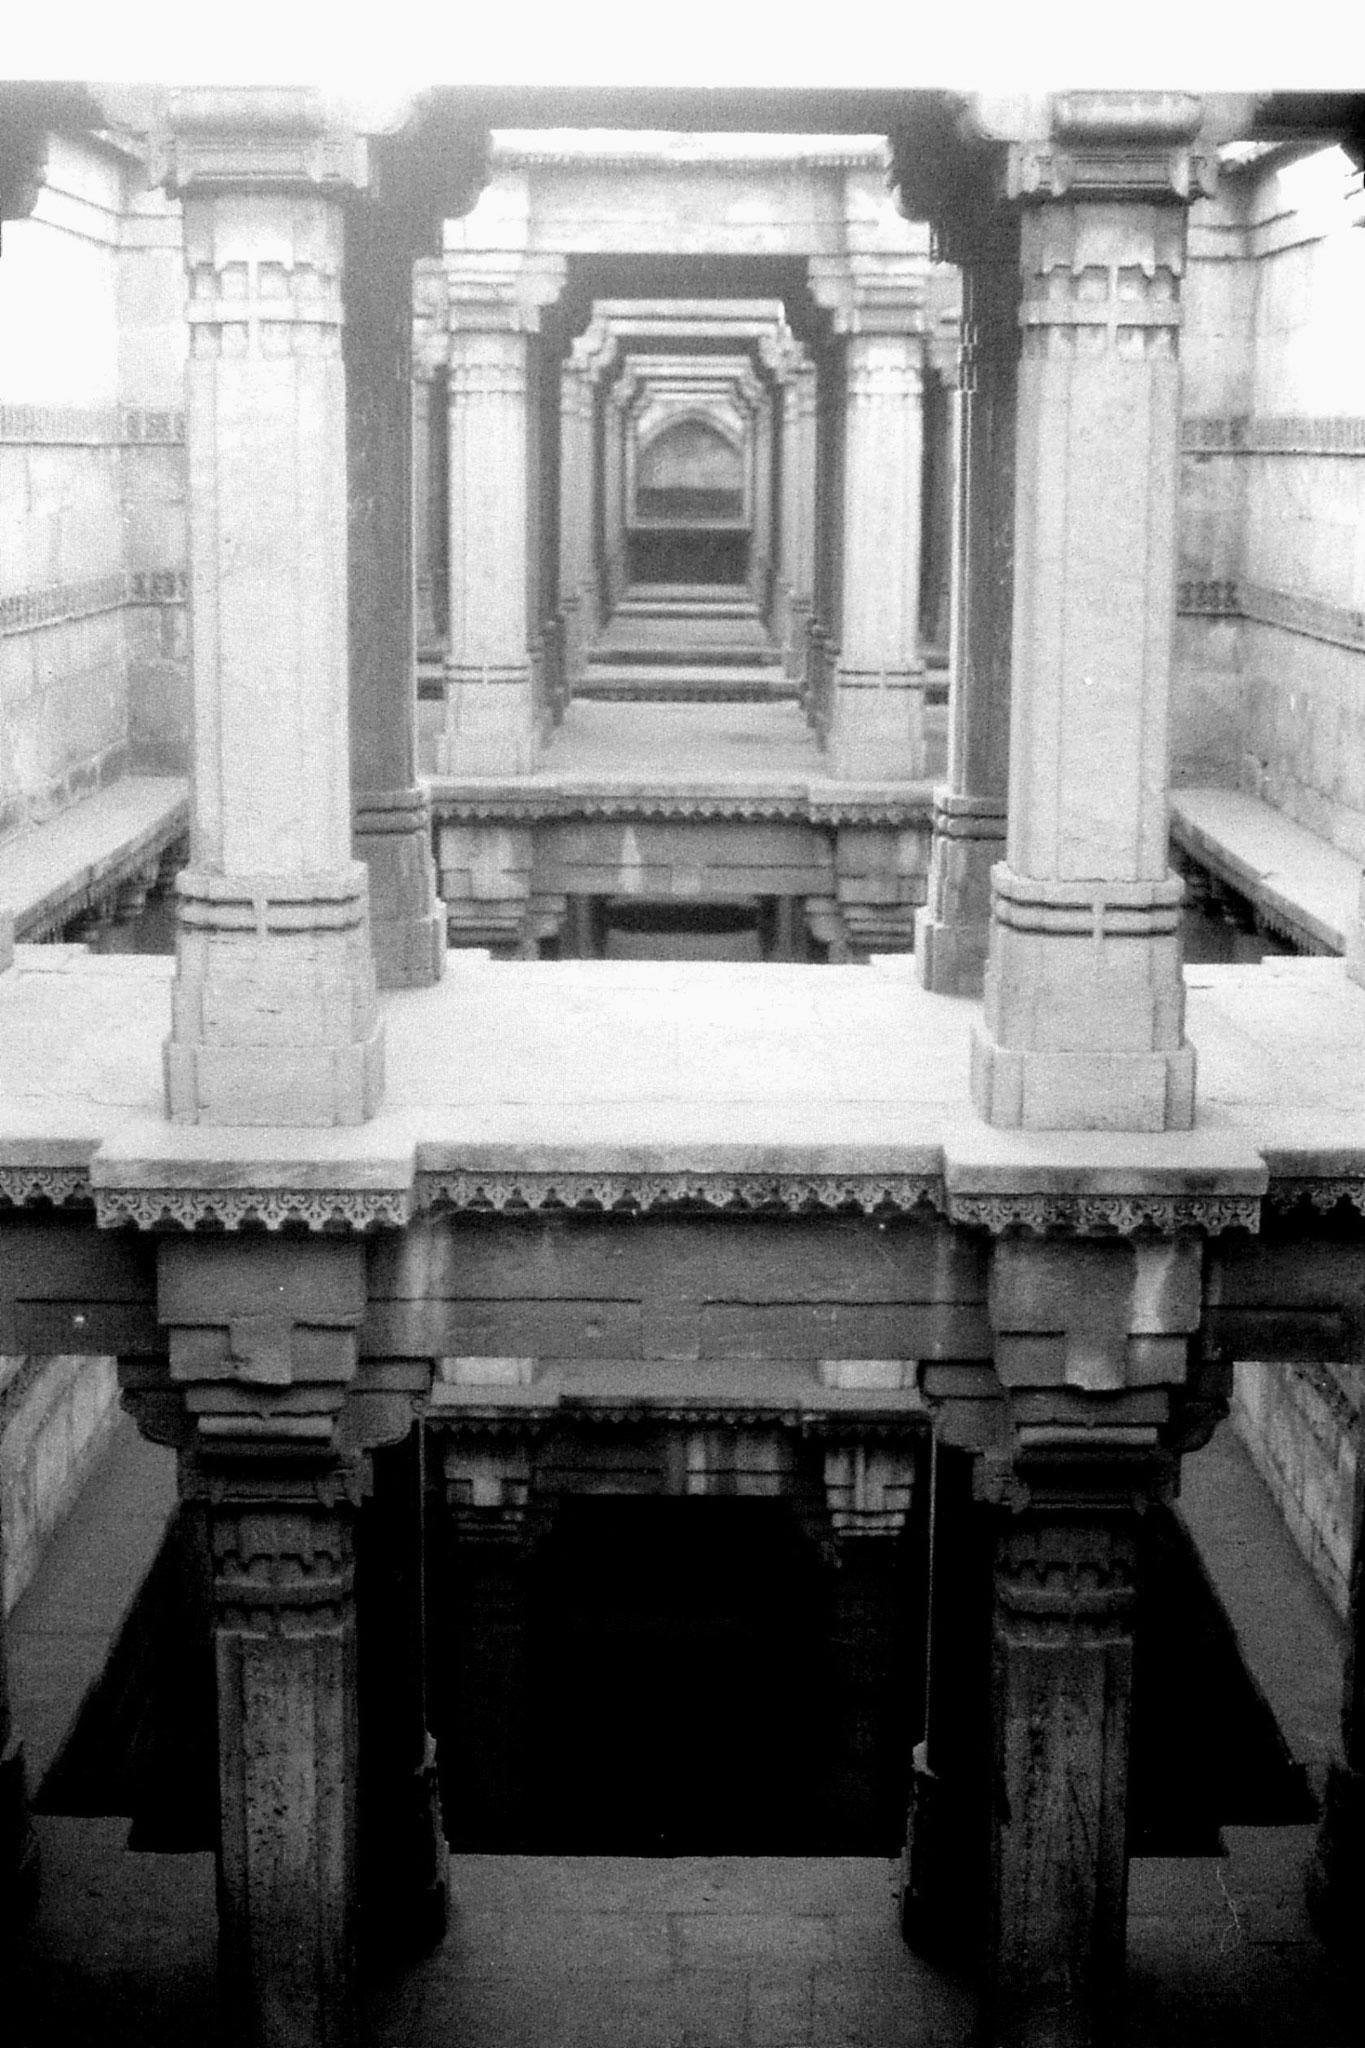 10/12/1989: 20: Ahmedabad Pada Hari step wall